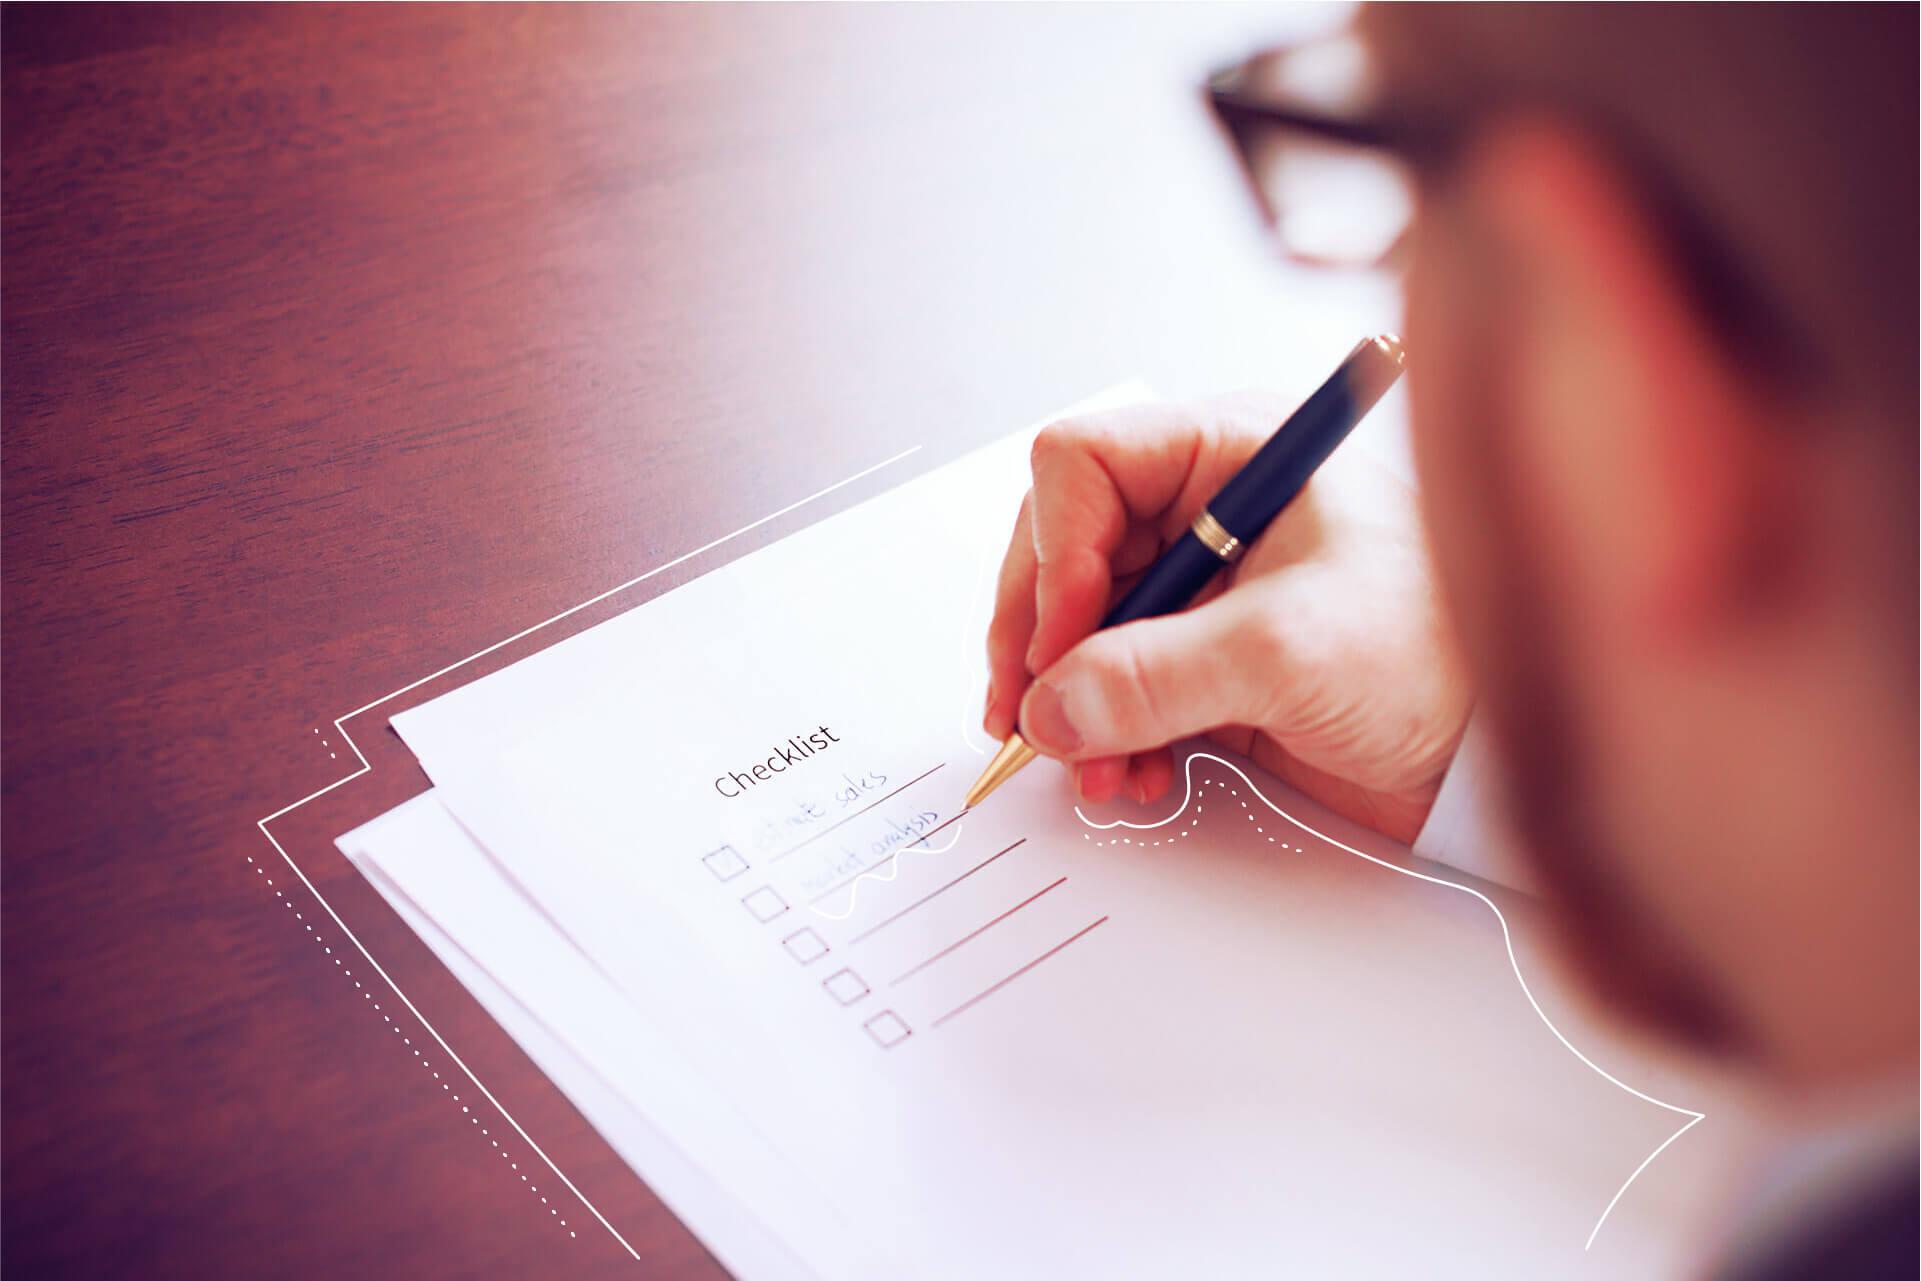 Mann füllt Liste mit Kugelschreiber aus | eggheads.net